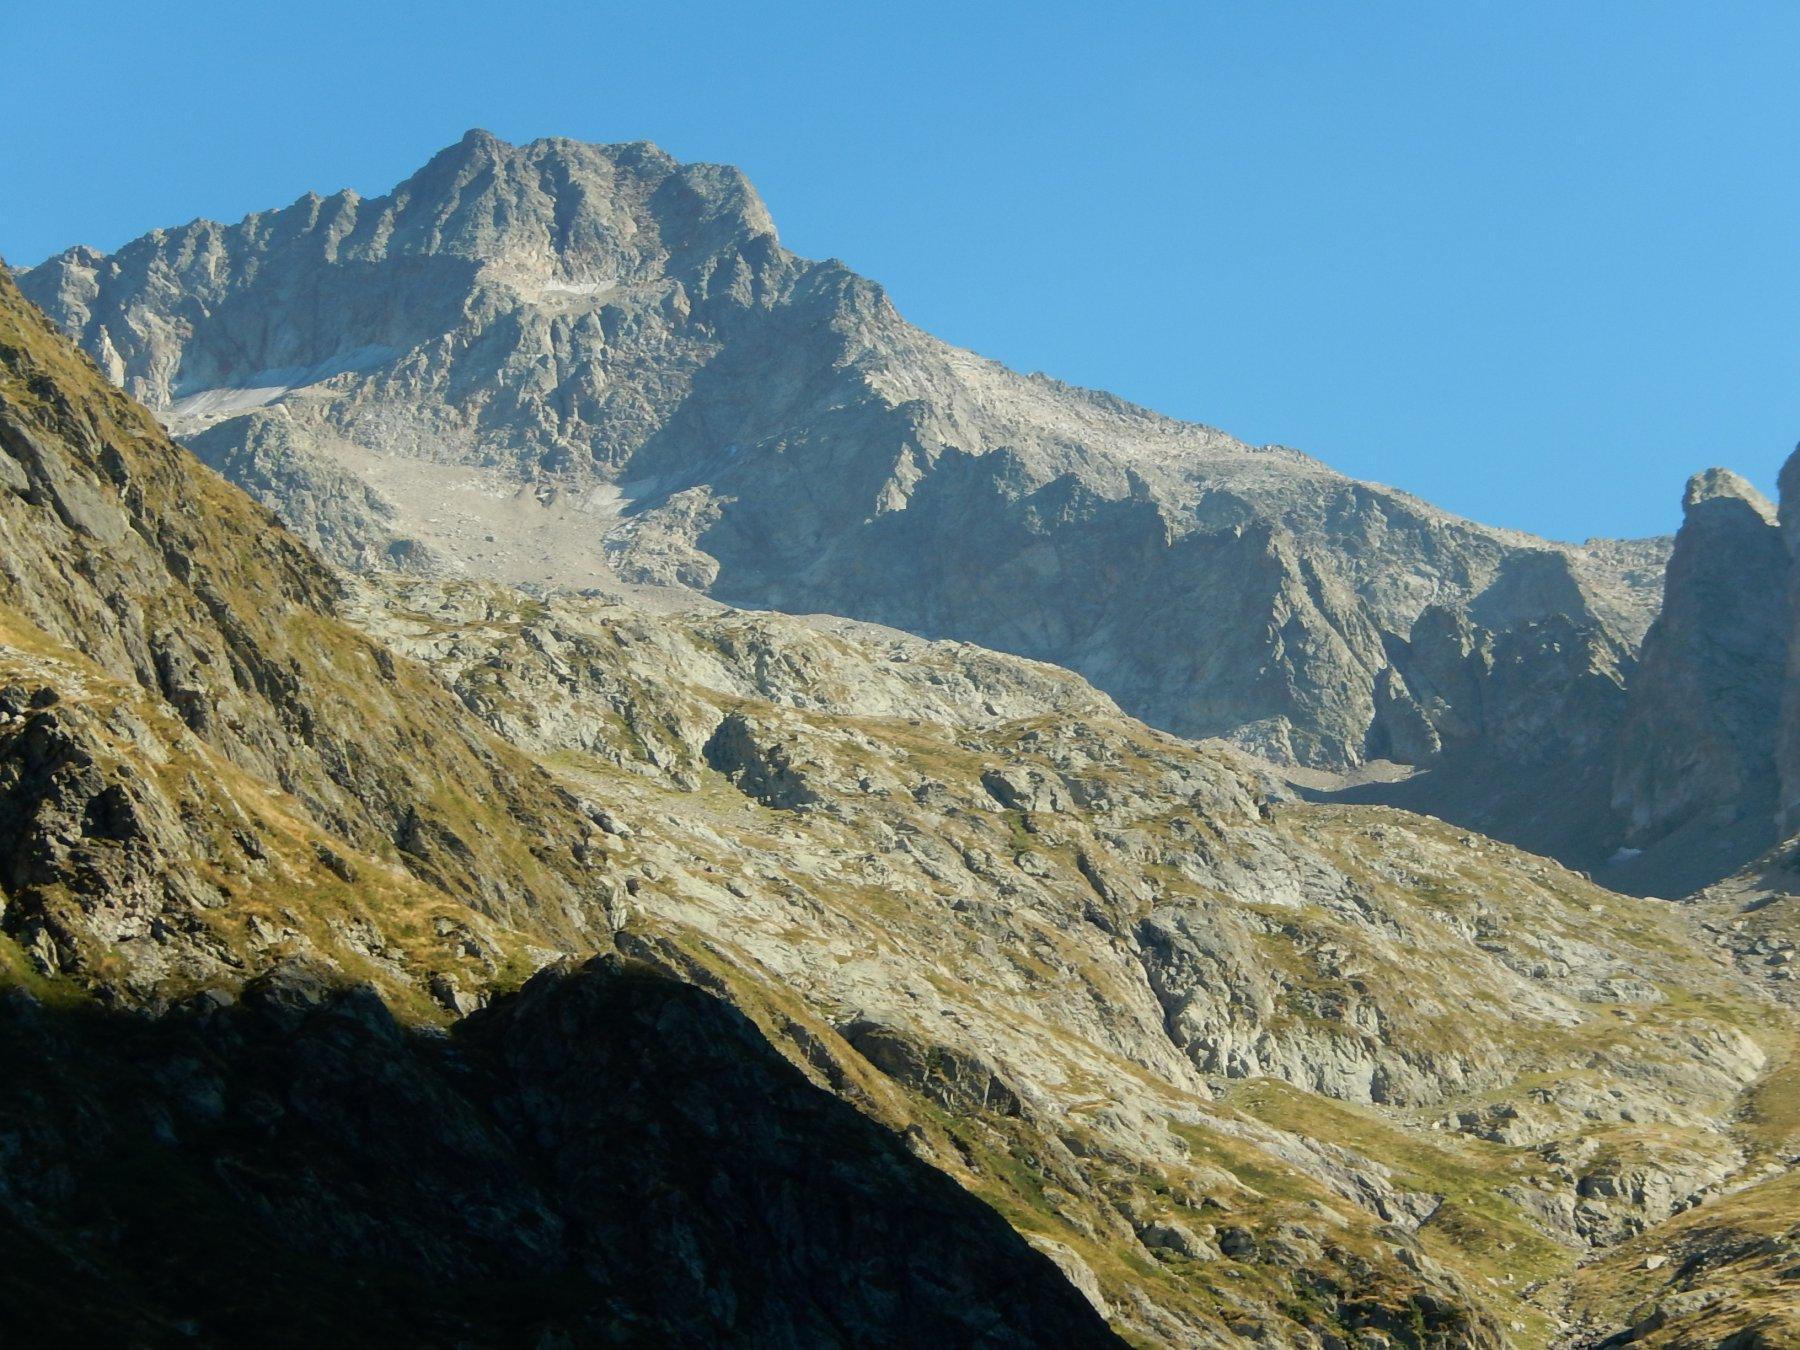 L'imponente cima con la sua interminabile spalla dove si percorre la Normale, vista dalla strada che dal Rif. Soria-Ellena riporta a San Giacomo di Entracque.